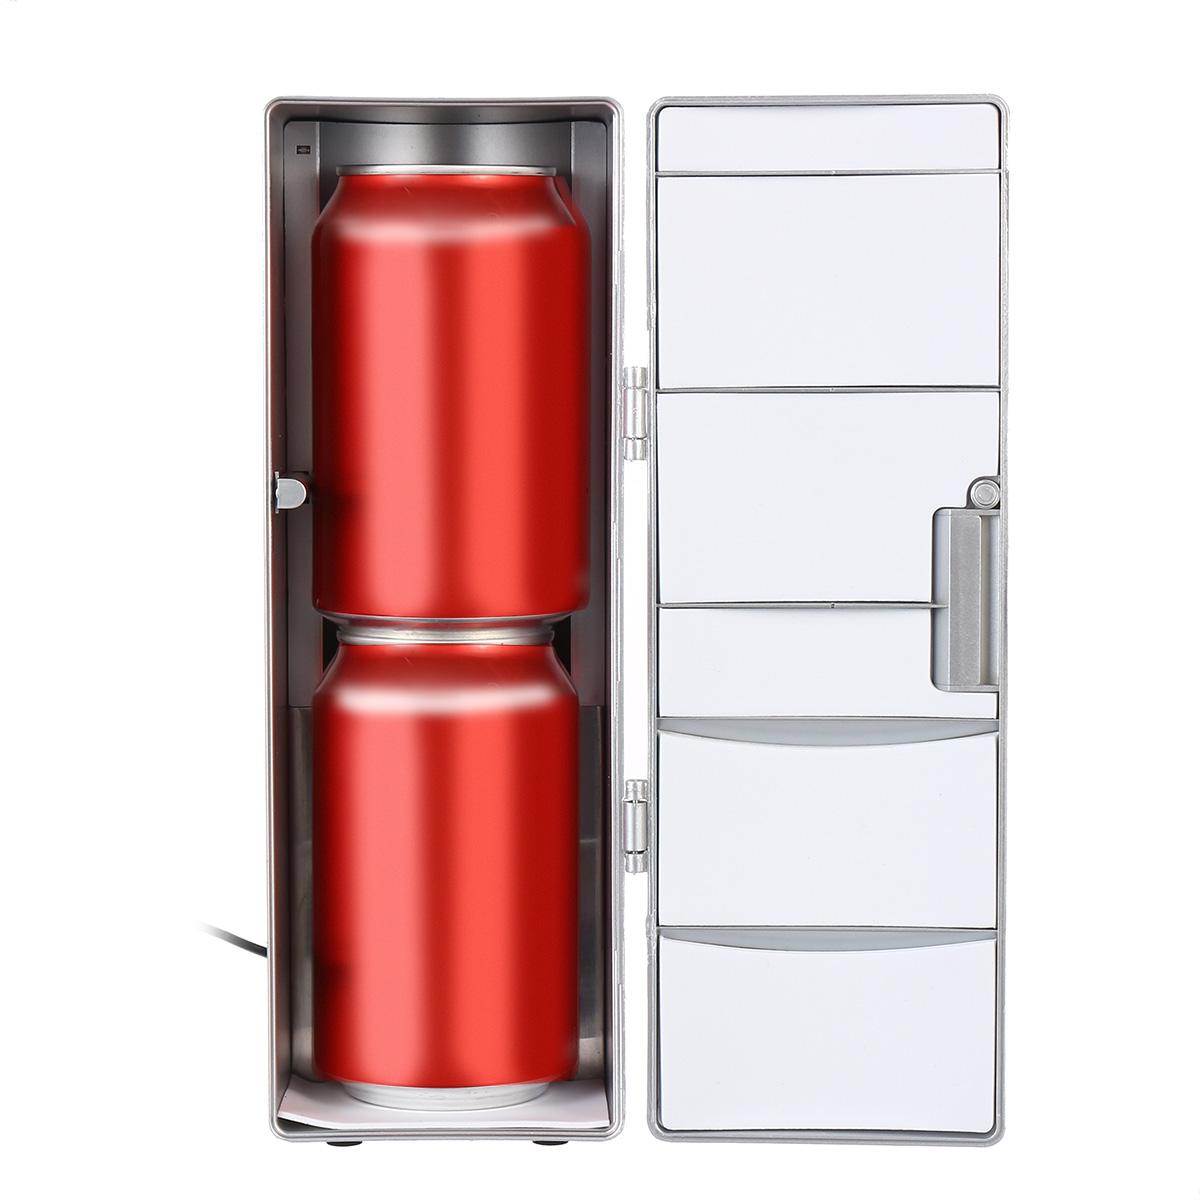 USB Малый Авто Холодильник Офисный Компьютер Лед Холодильное Отопление DC 5V